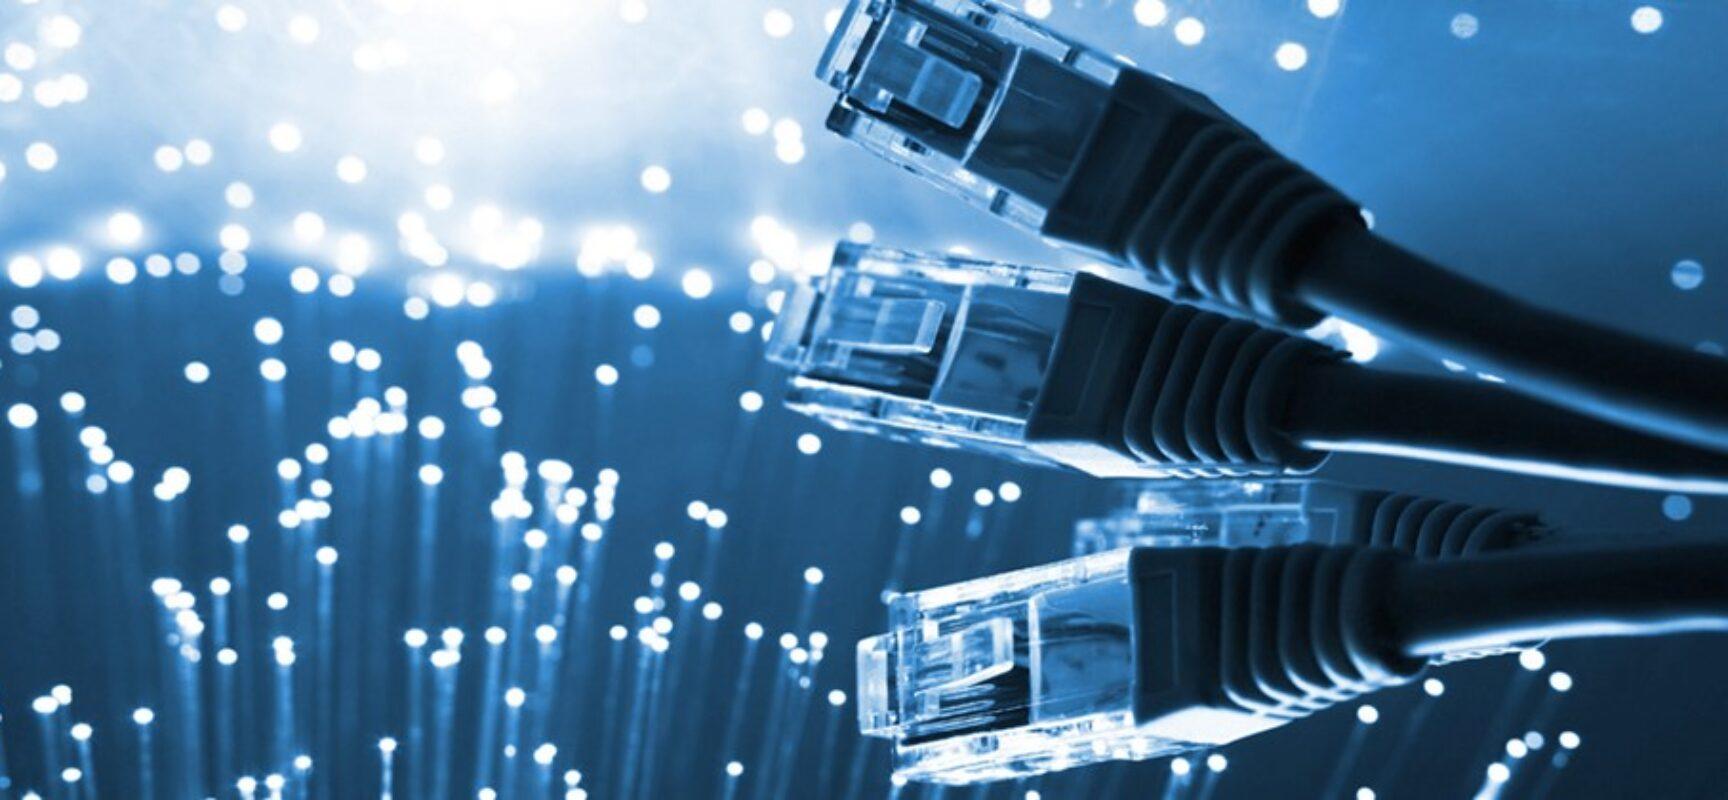 Educação conectada: Mais de 77% das escolas possuem internet